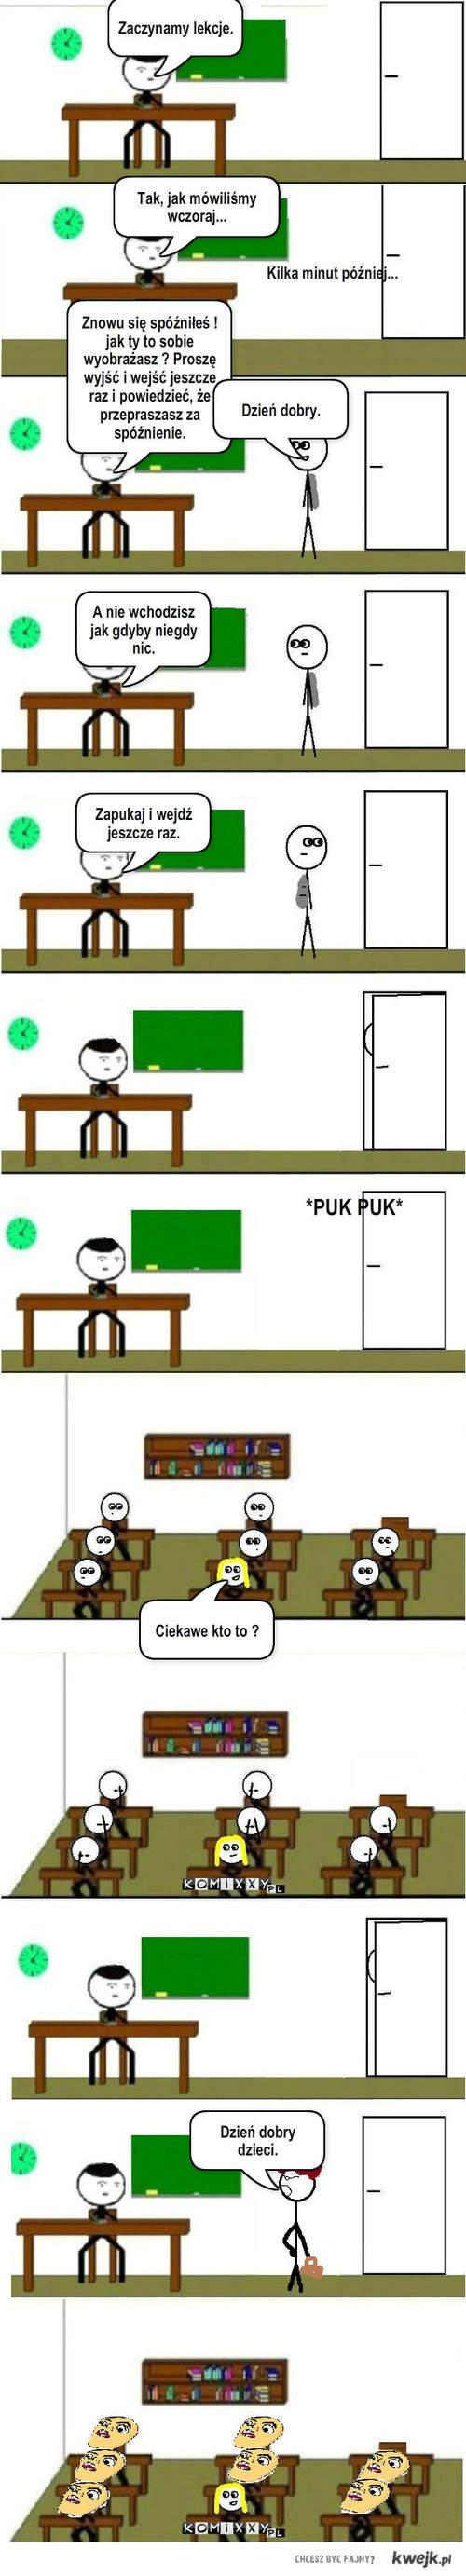 hahaha.zonk